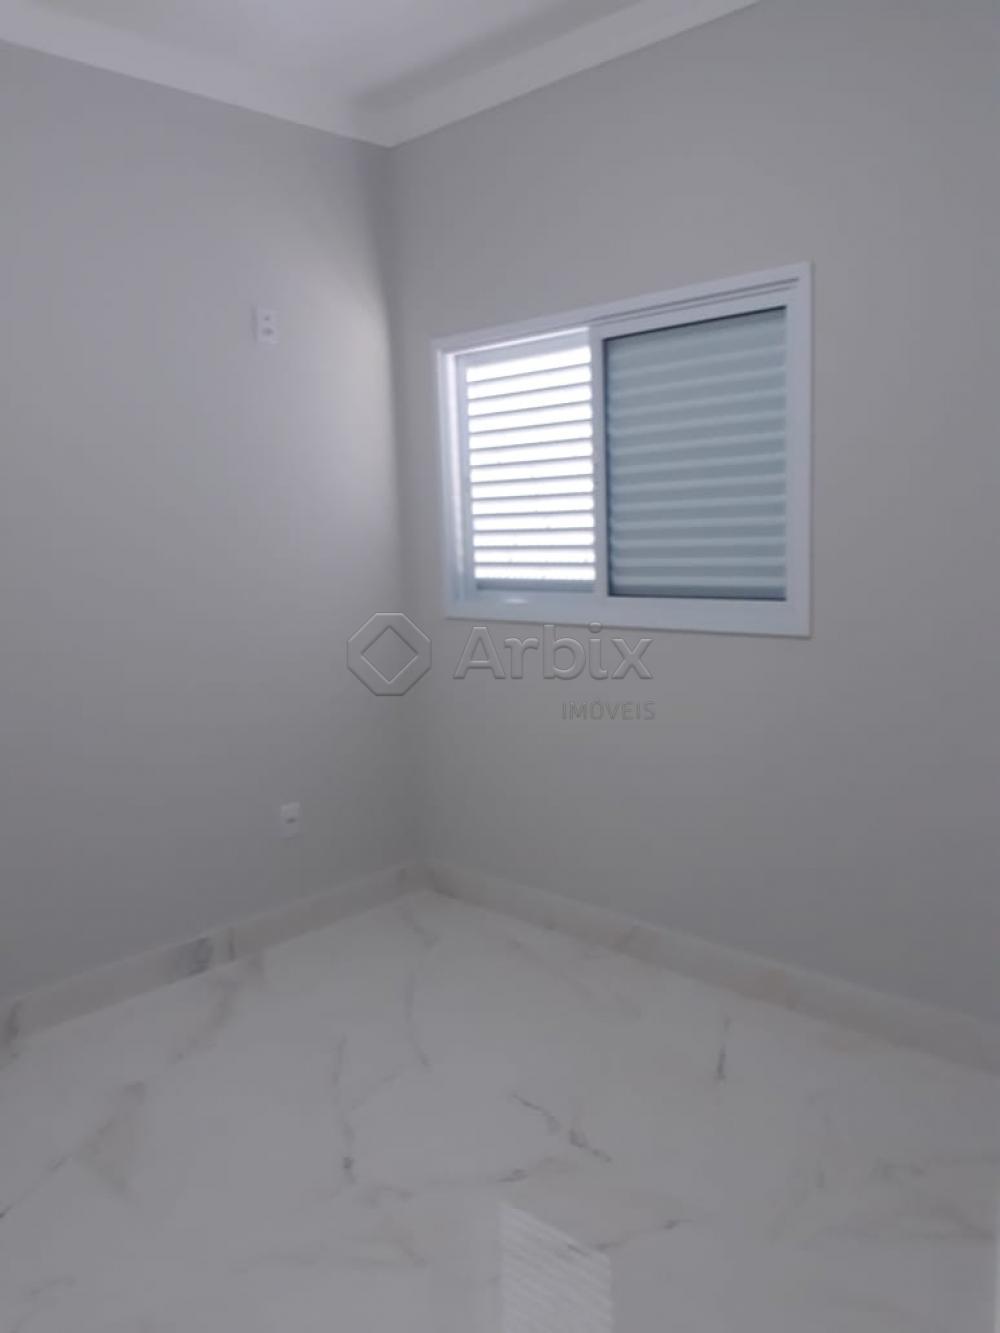 Comprar Casa / Residencial em Americana apenas R$ 440.000,00 - Foto 11